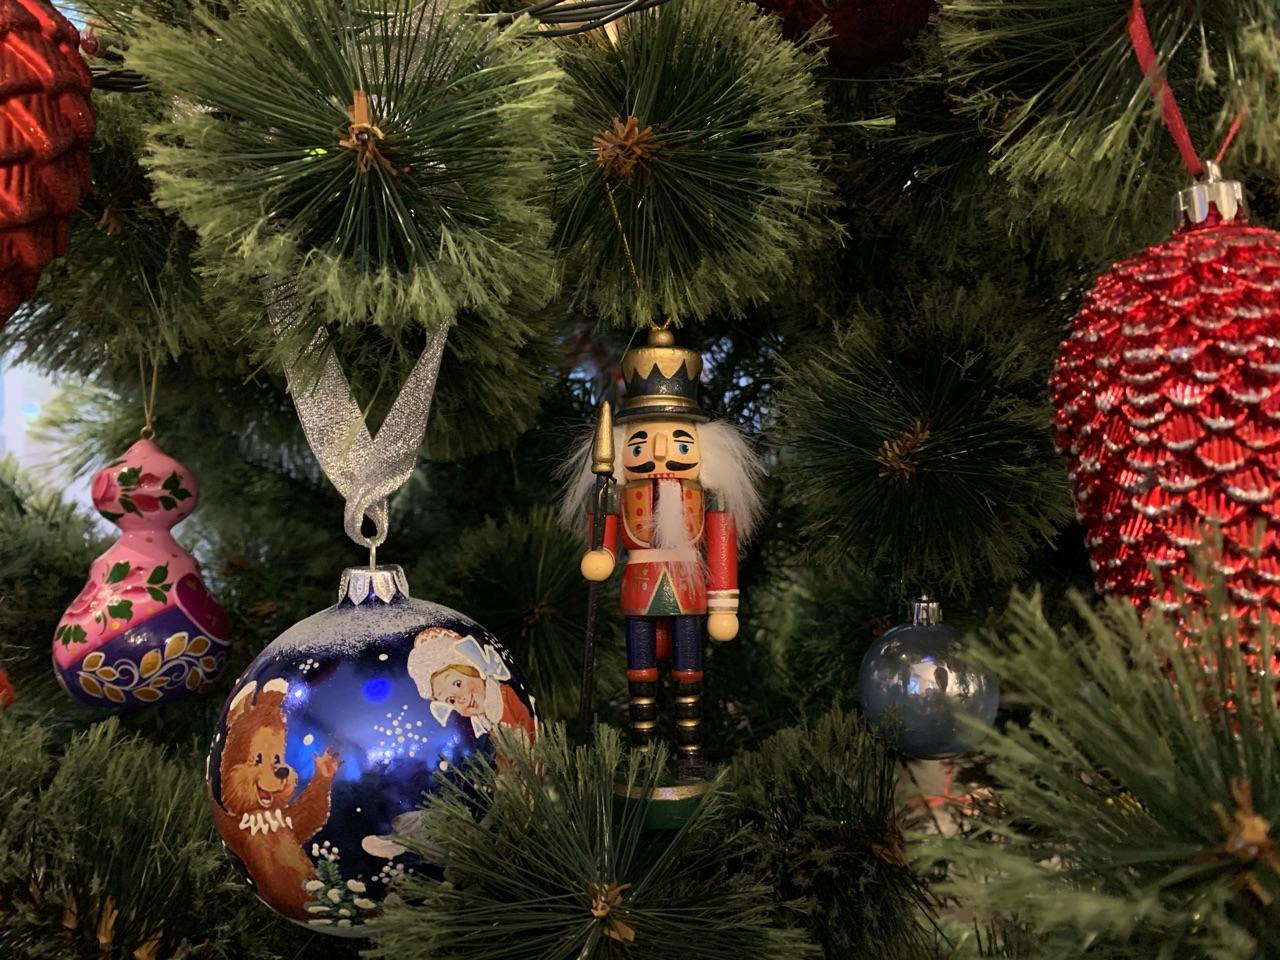 Где провести новогодние каникулы в Нижнем Новгороде в условиях пандемии - фото 2